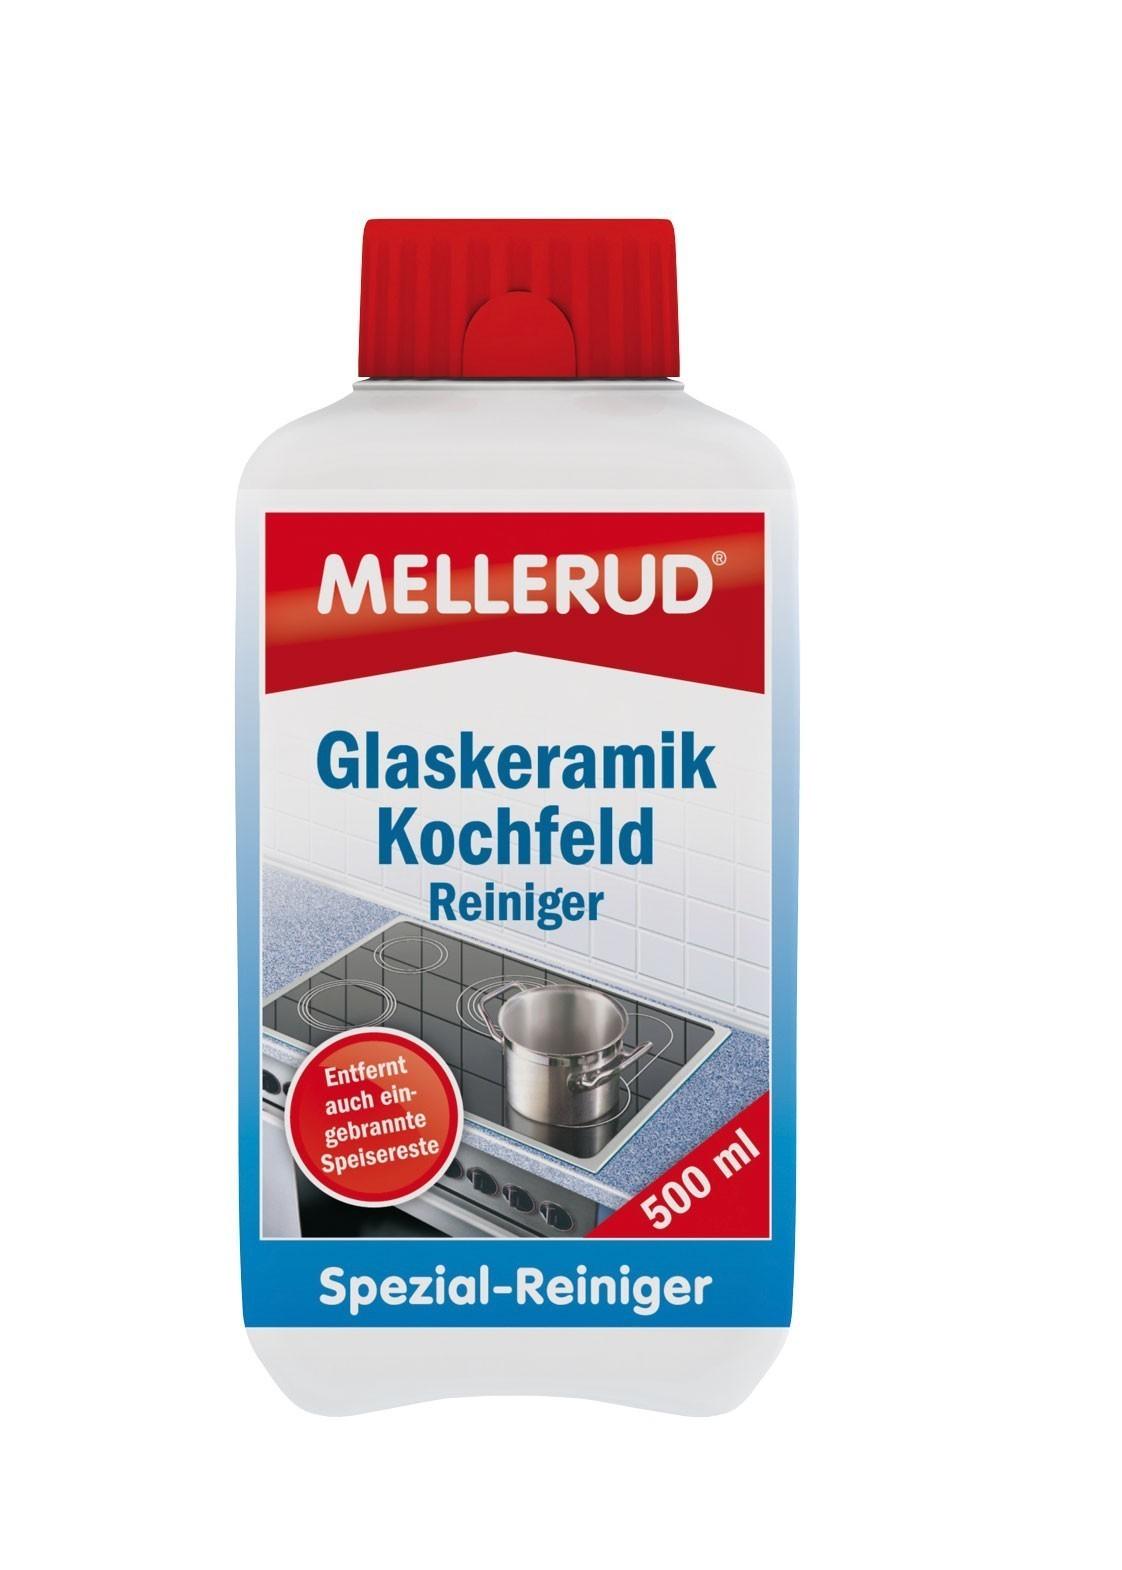 MELLERUD Glaskeramik Kochfeld Reiniger 0,5 Liter Bild 1